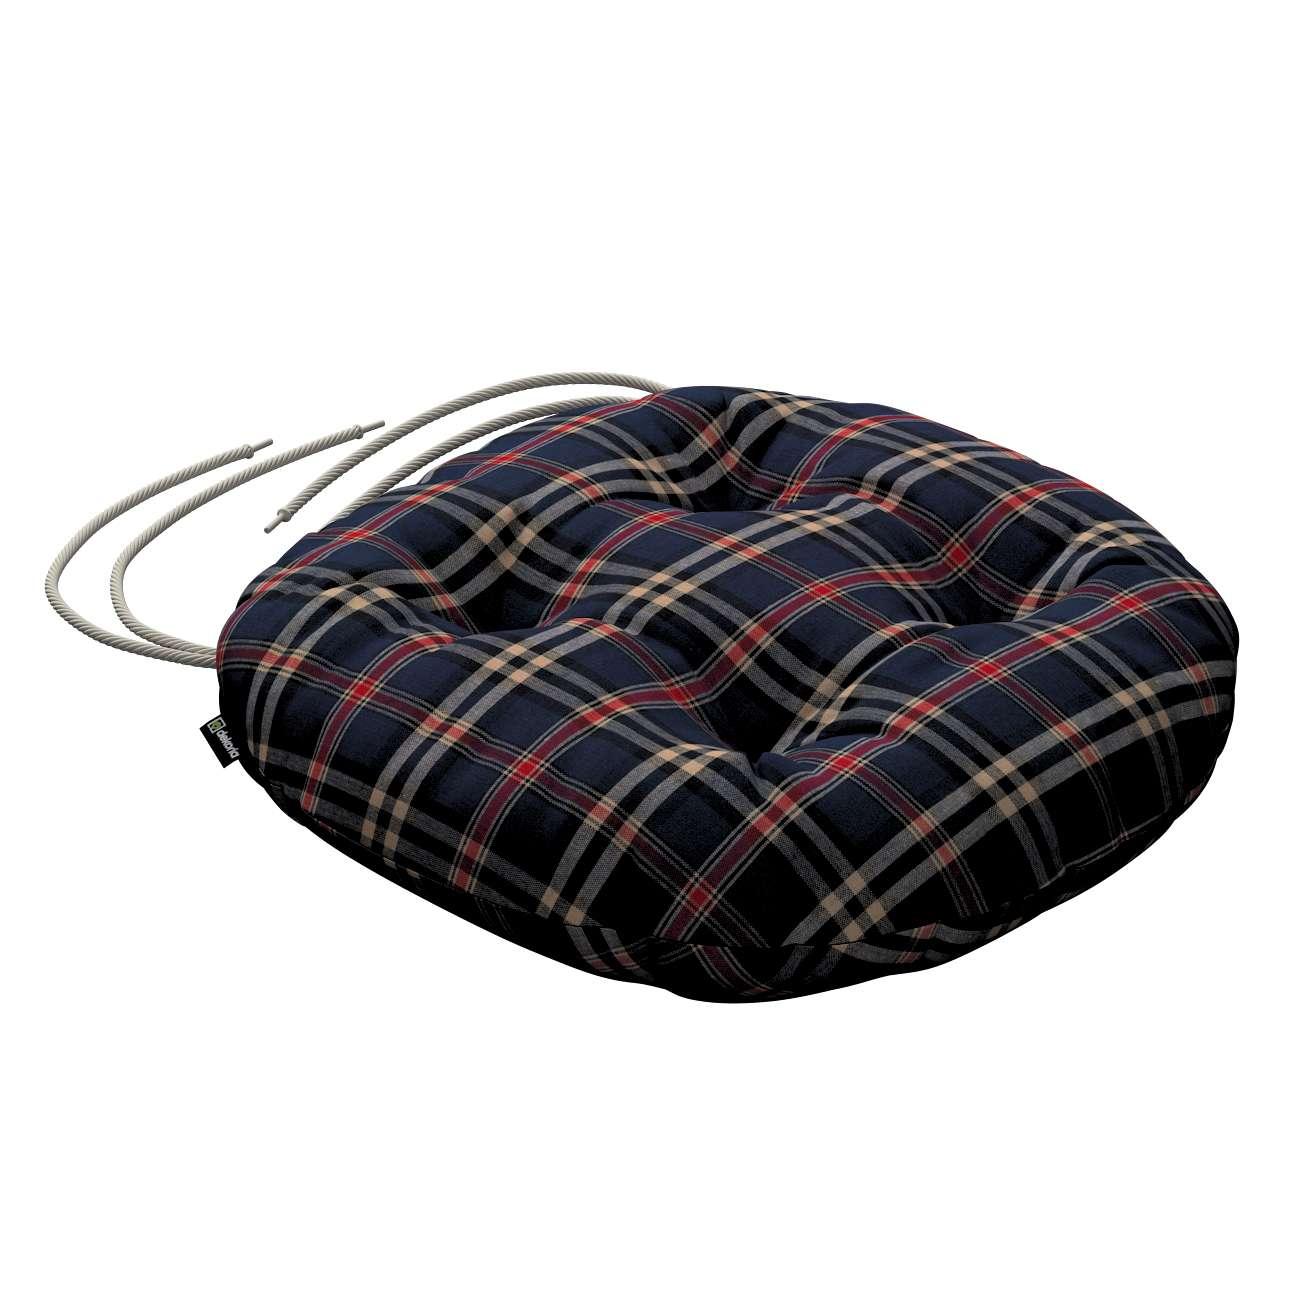 Siedzisko Adam na krzesło w kolekcji Christmas, tkanina: 142-68